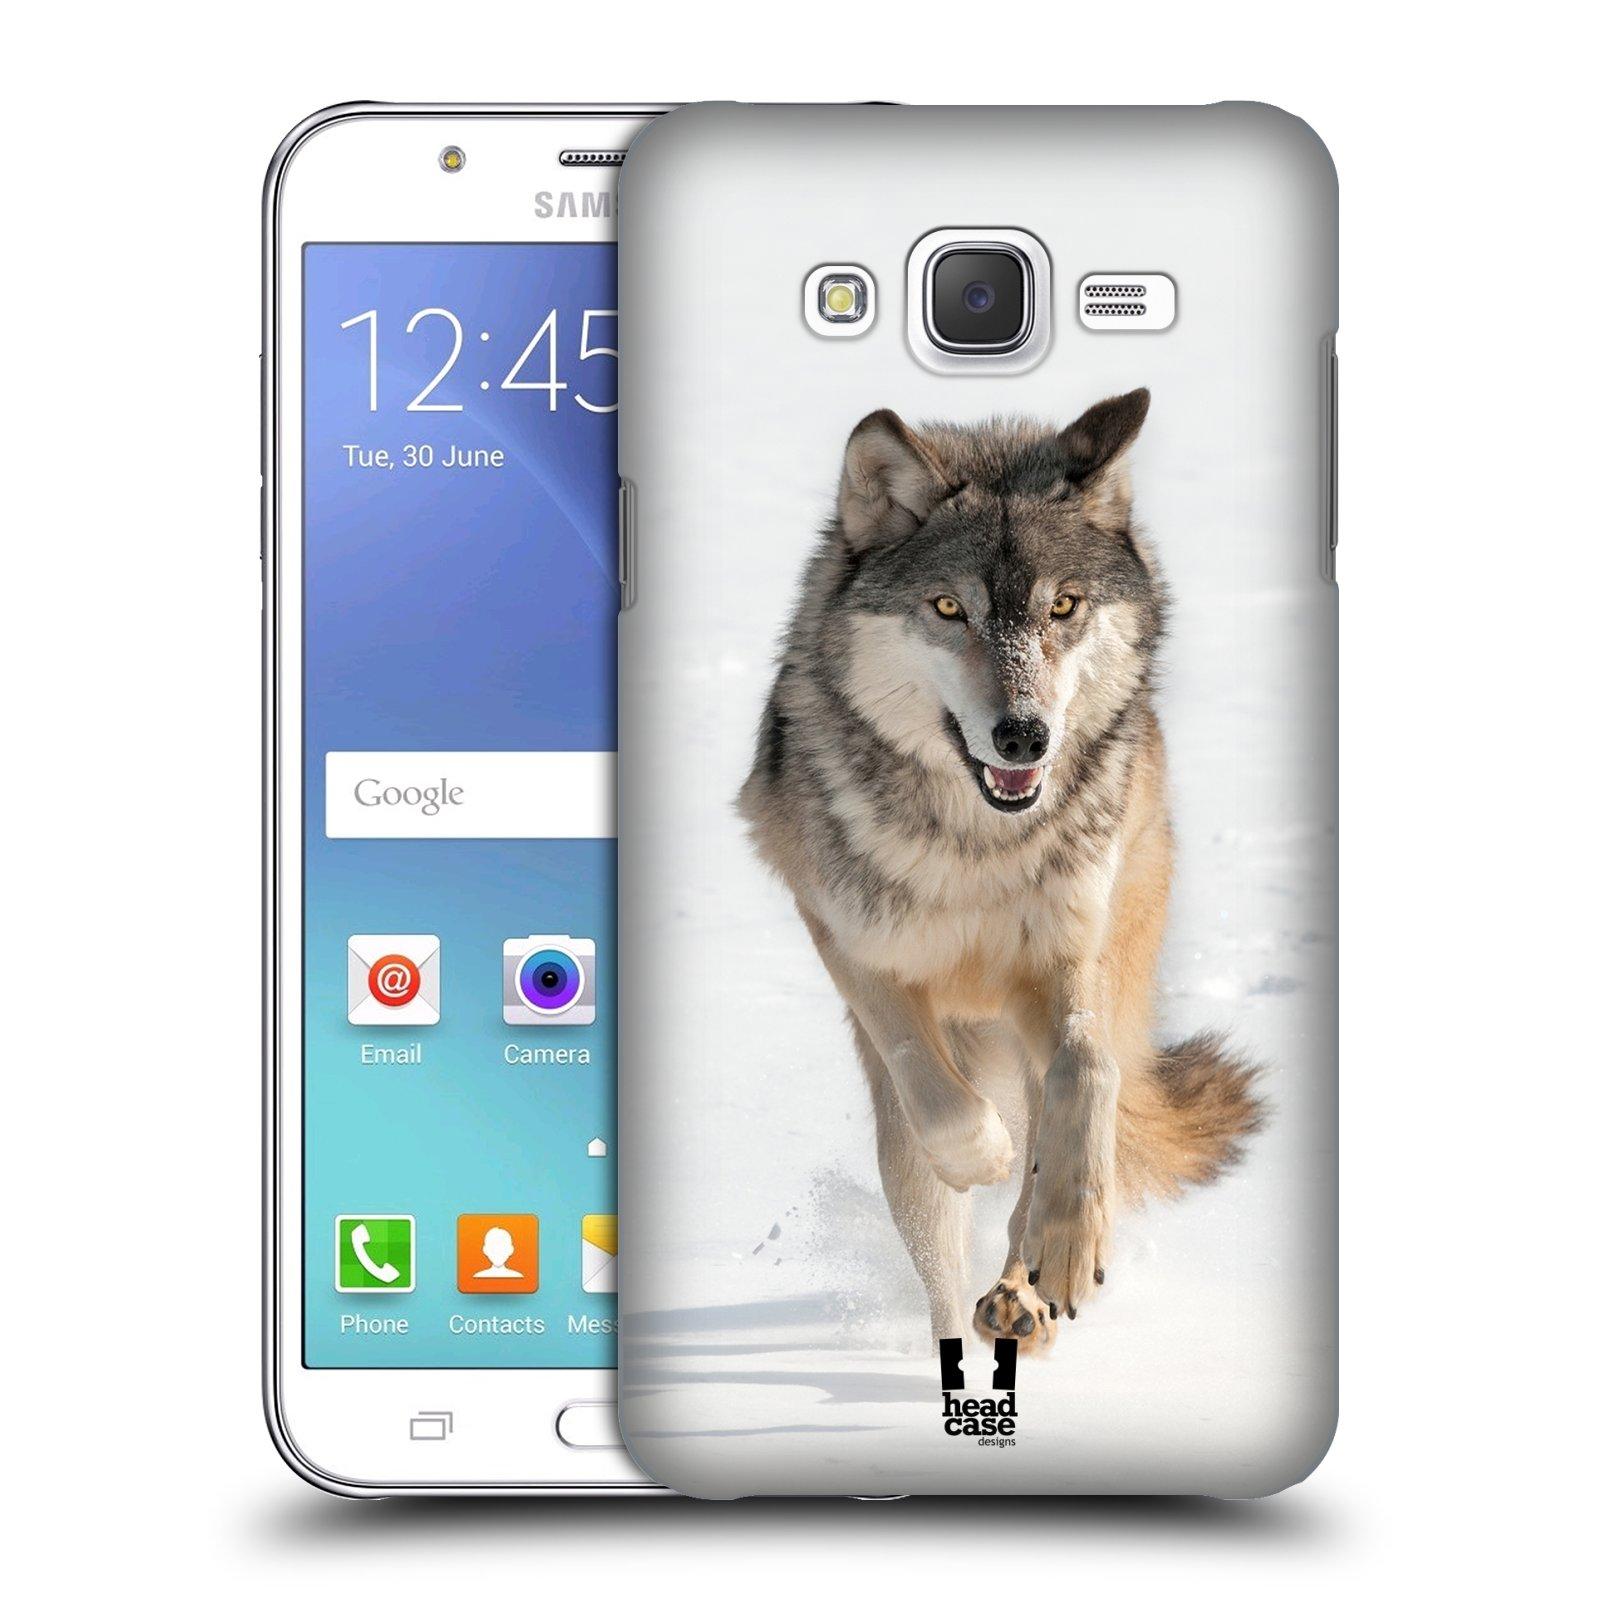 HEAD CASE plastový obal na mobil SAMSUNG Galaxy J5, J500 vzor Divočina, Divoký život a zvířata foto BĚŽÍCÍ VLK